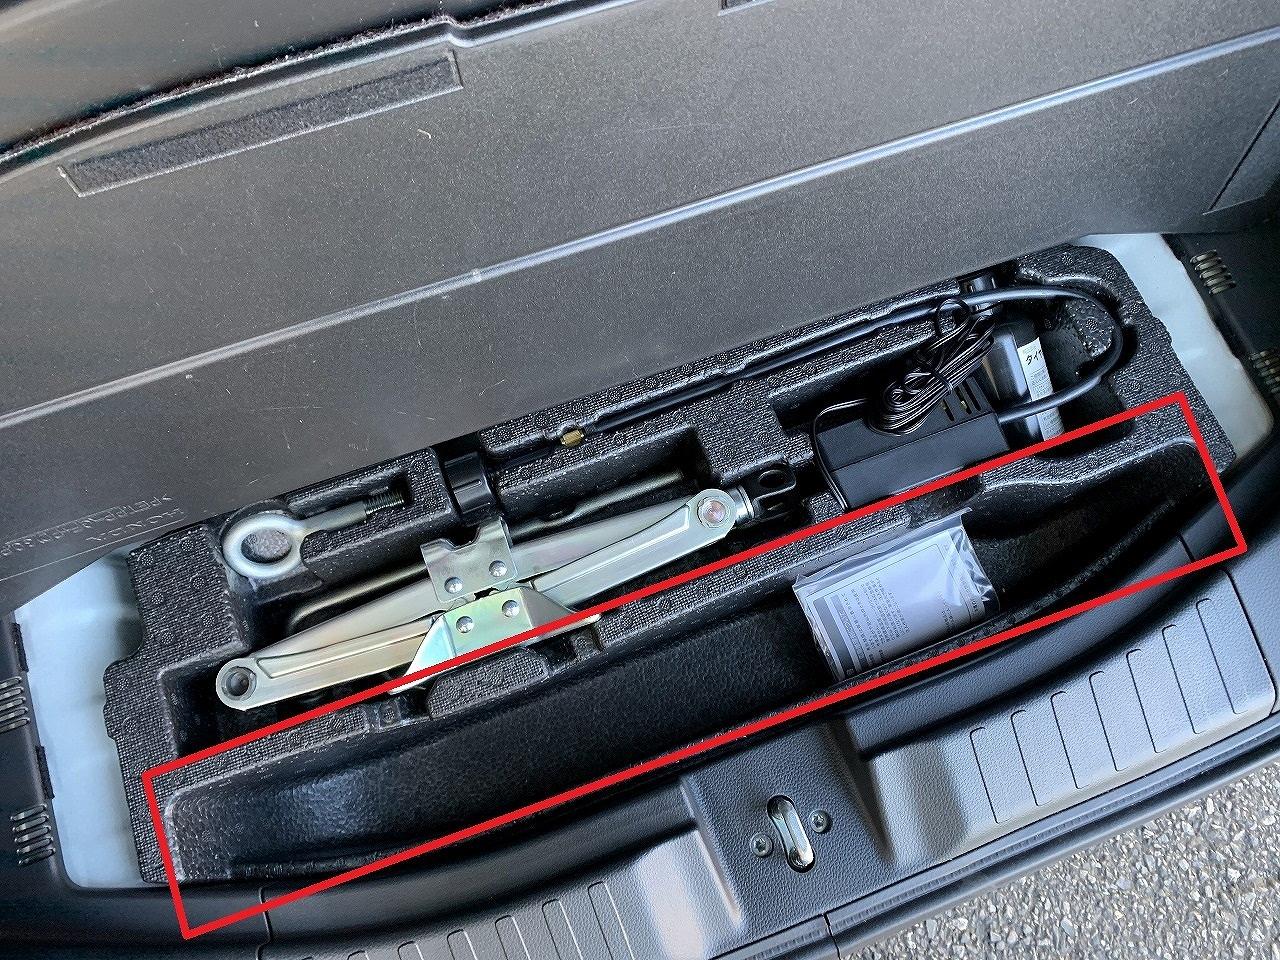 NBOXのトランク床下にあるこの部分って何のスペースかわかりますか?